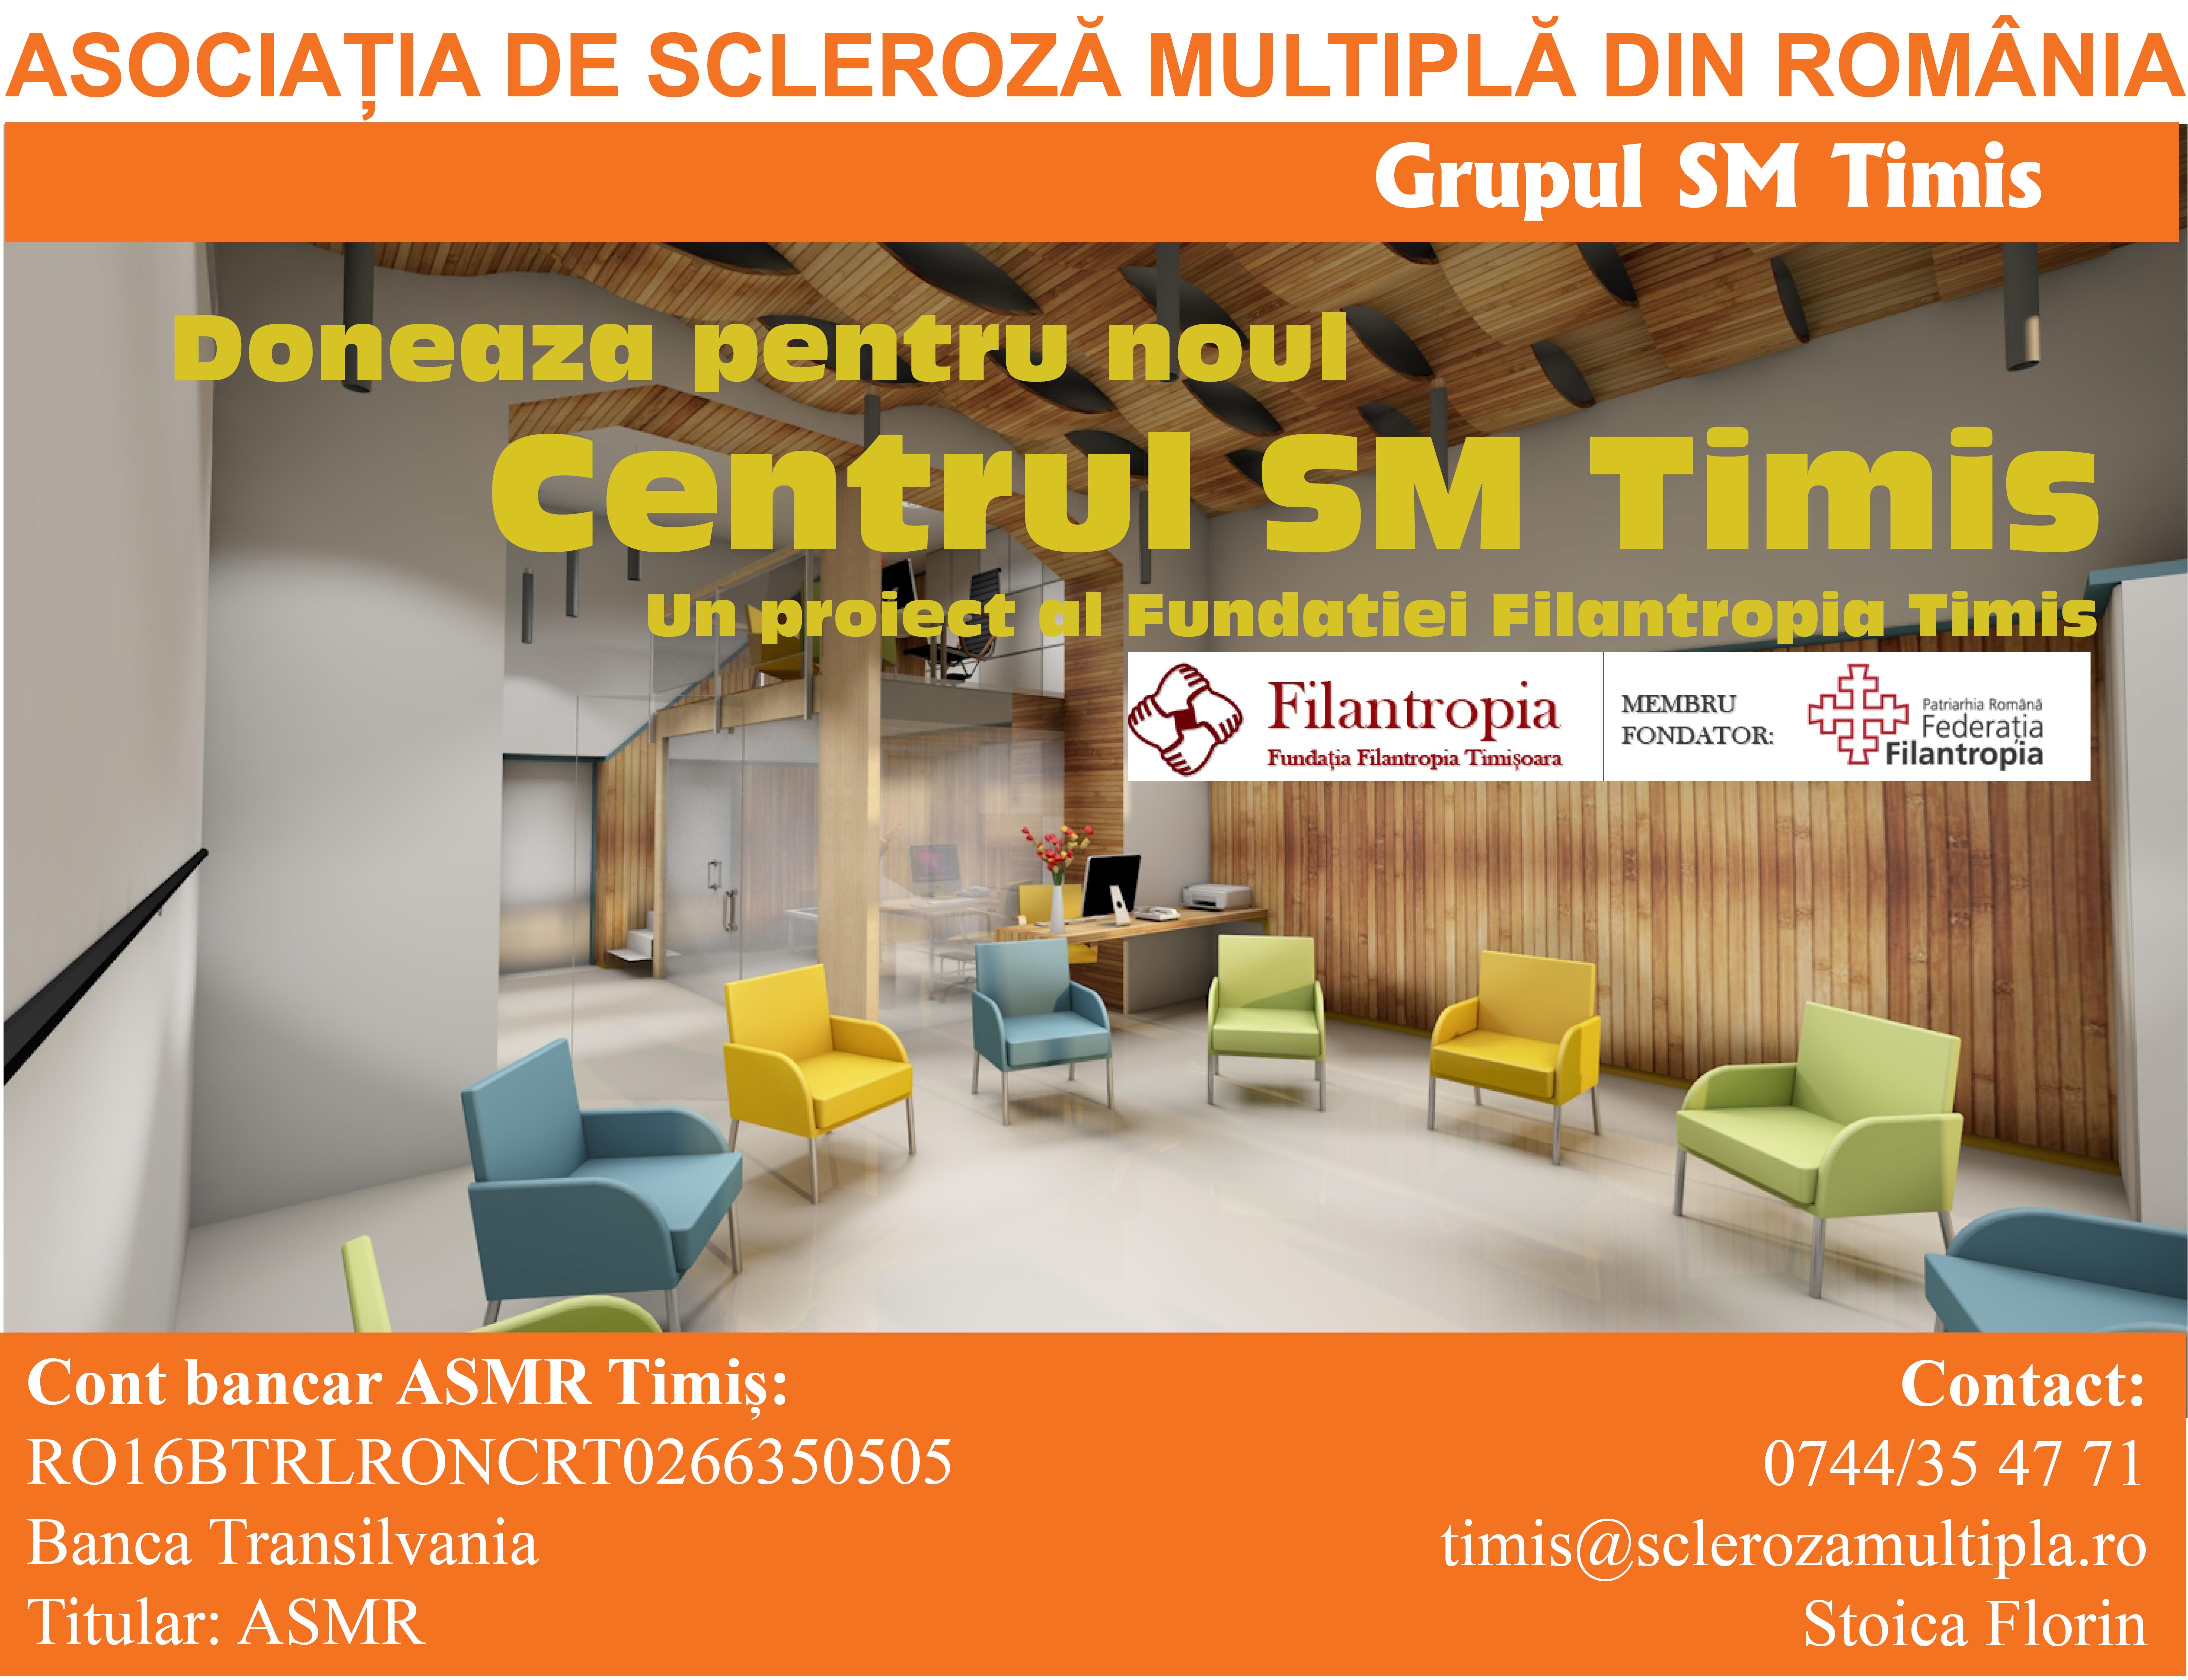 Donează pentru noul Centru SM Timiș